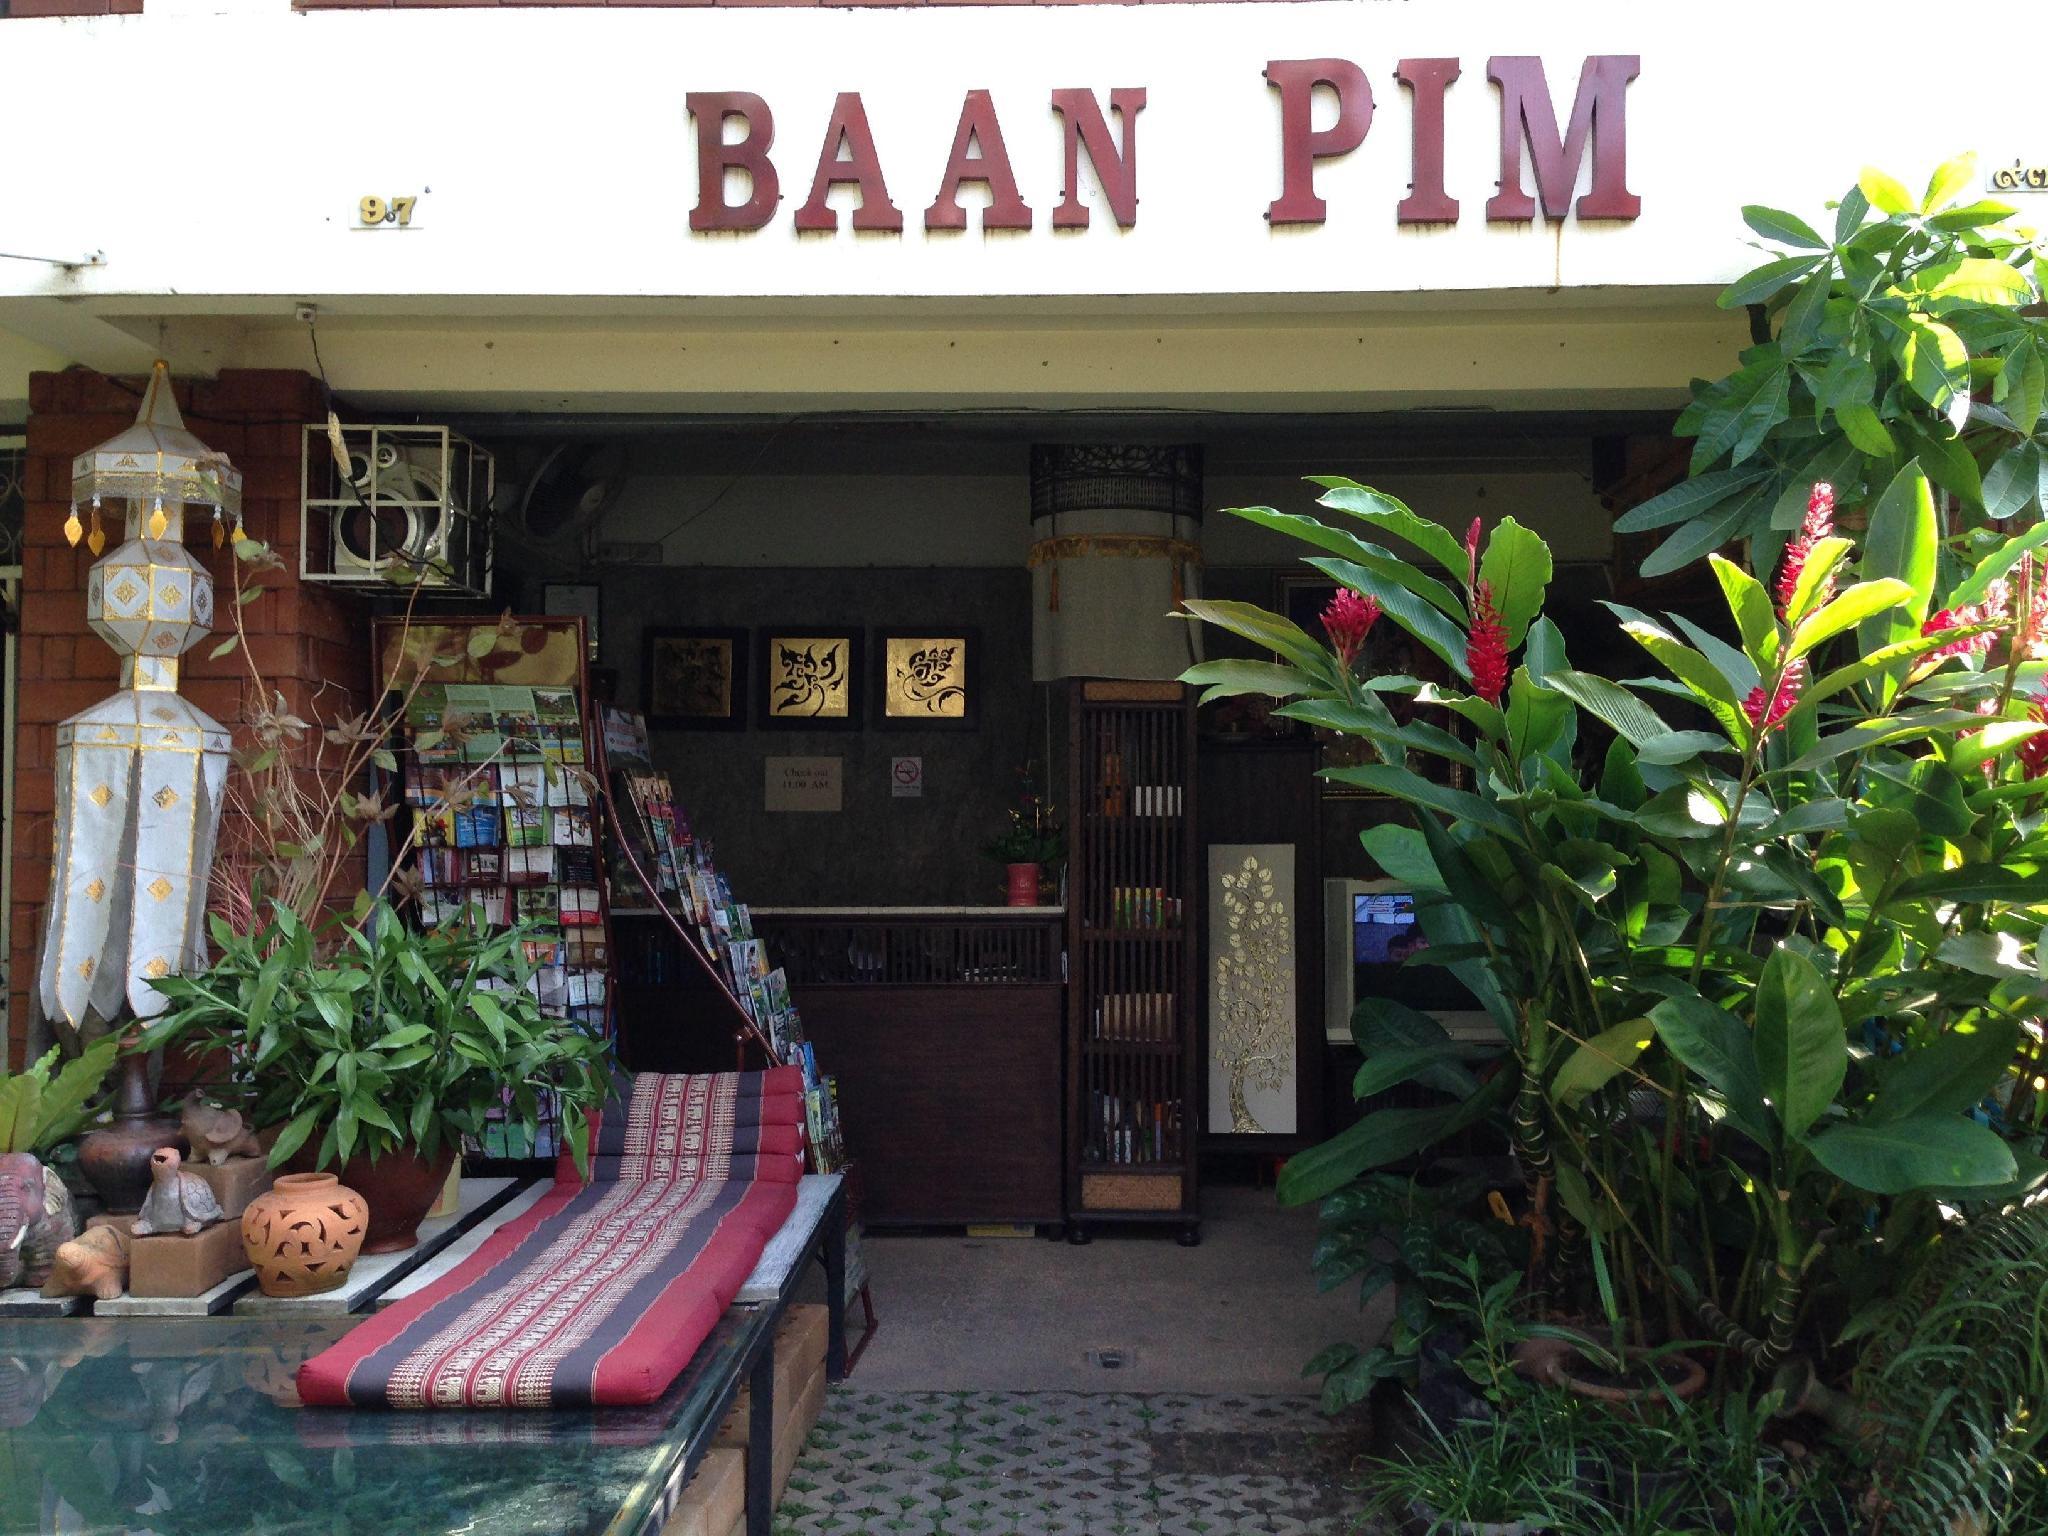 ราคาถูก บ้านพิม เกสท์เฮาส์ (Baan Pim) ราคาประหยัด